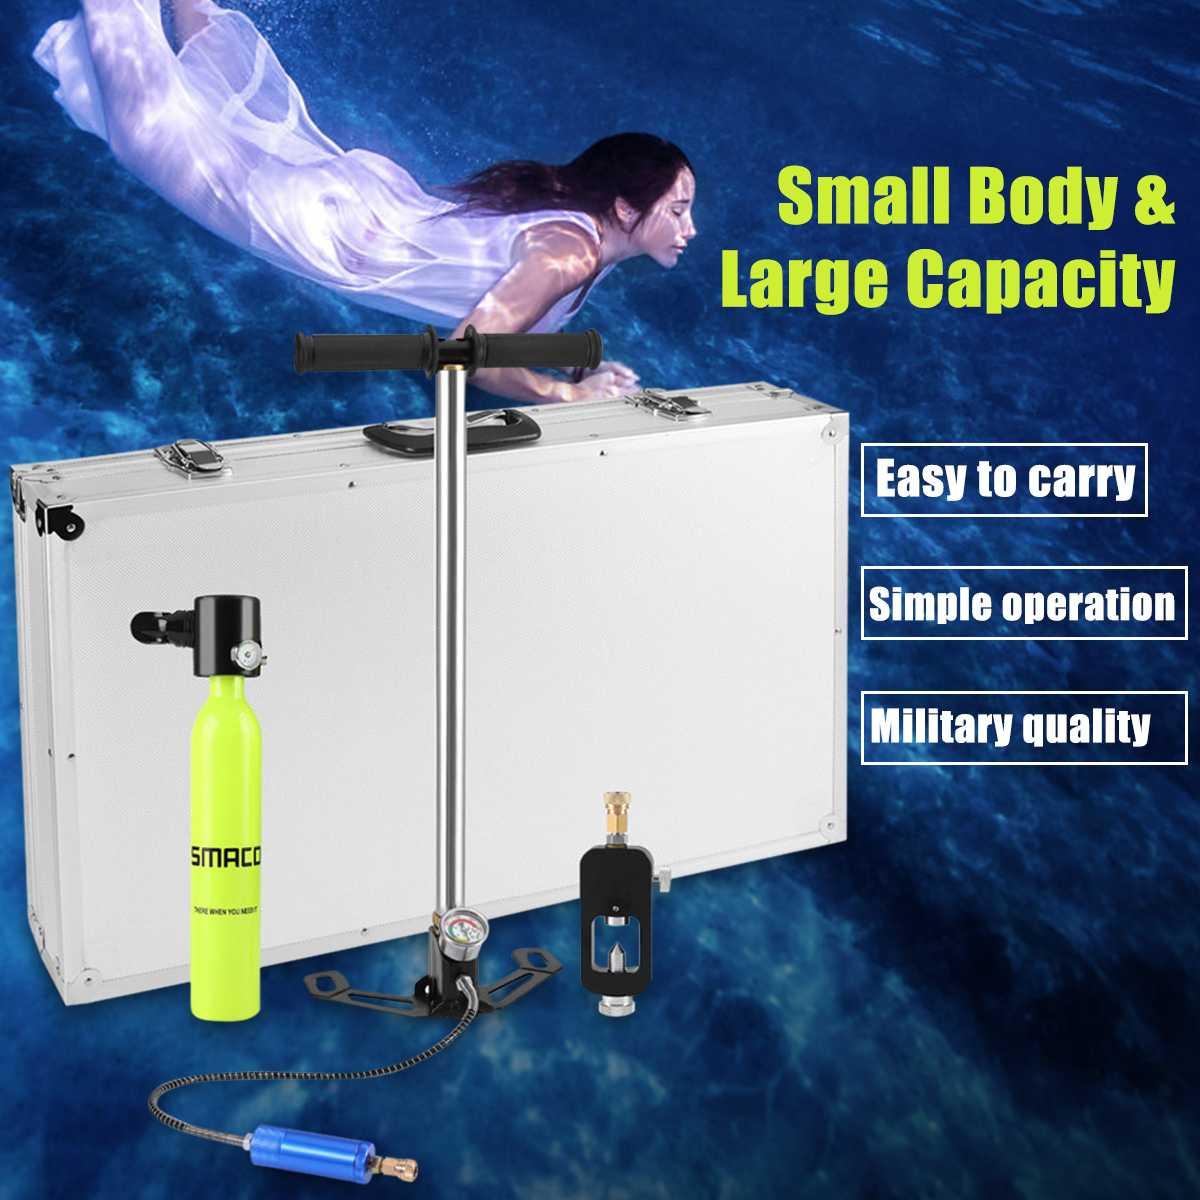 Mini équipement de plongée sous-marine réservoir d'oxygène de rechange en alliage d'aluminium Silicone liberté totale souffle sous l'eau pendant 5 à 10 minutes